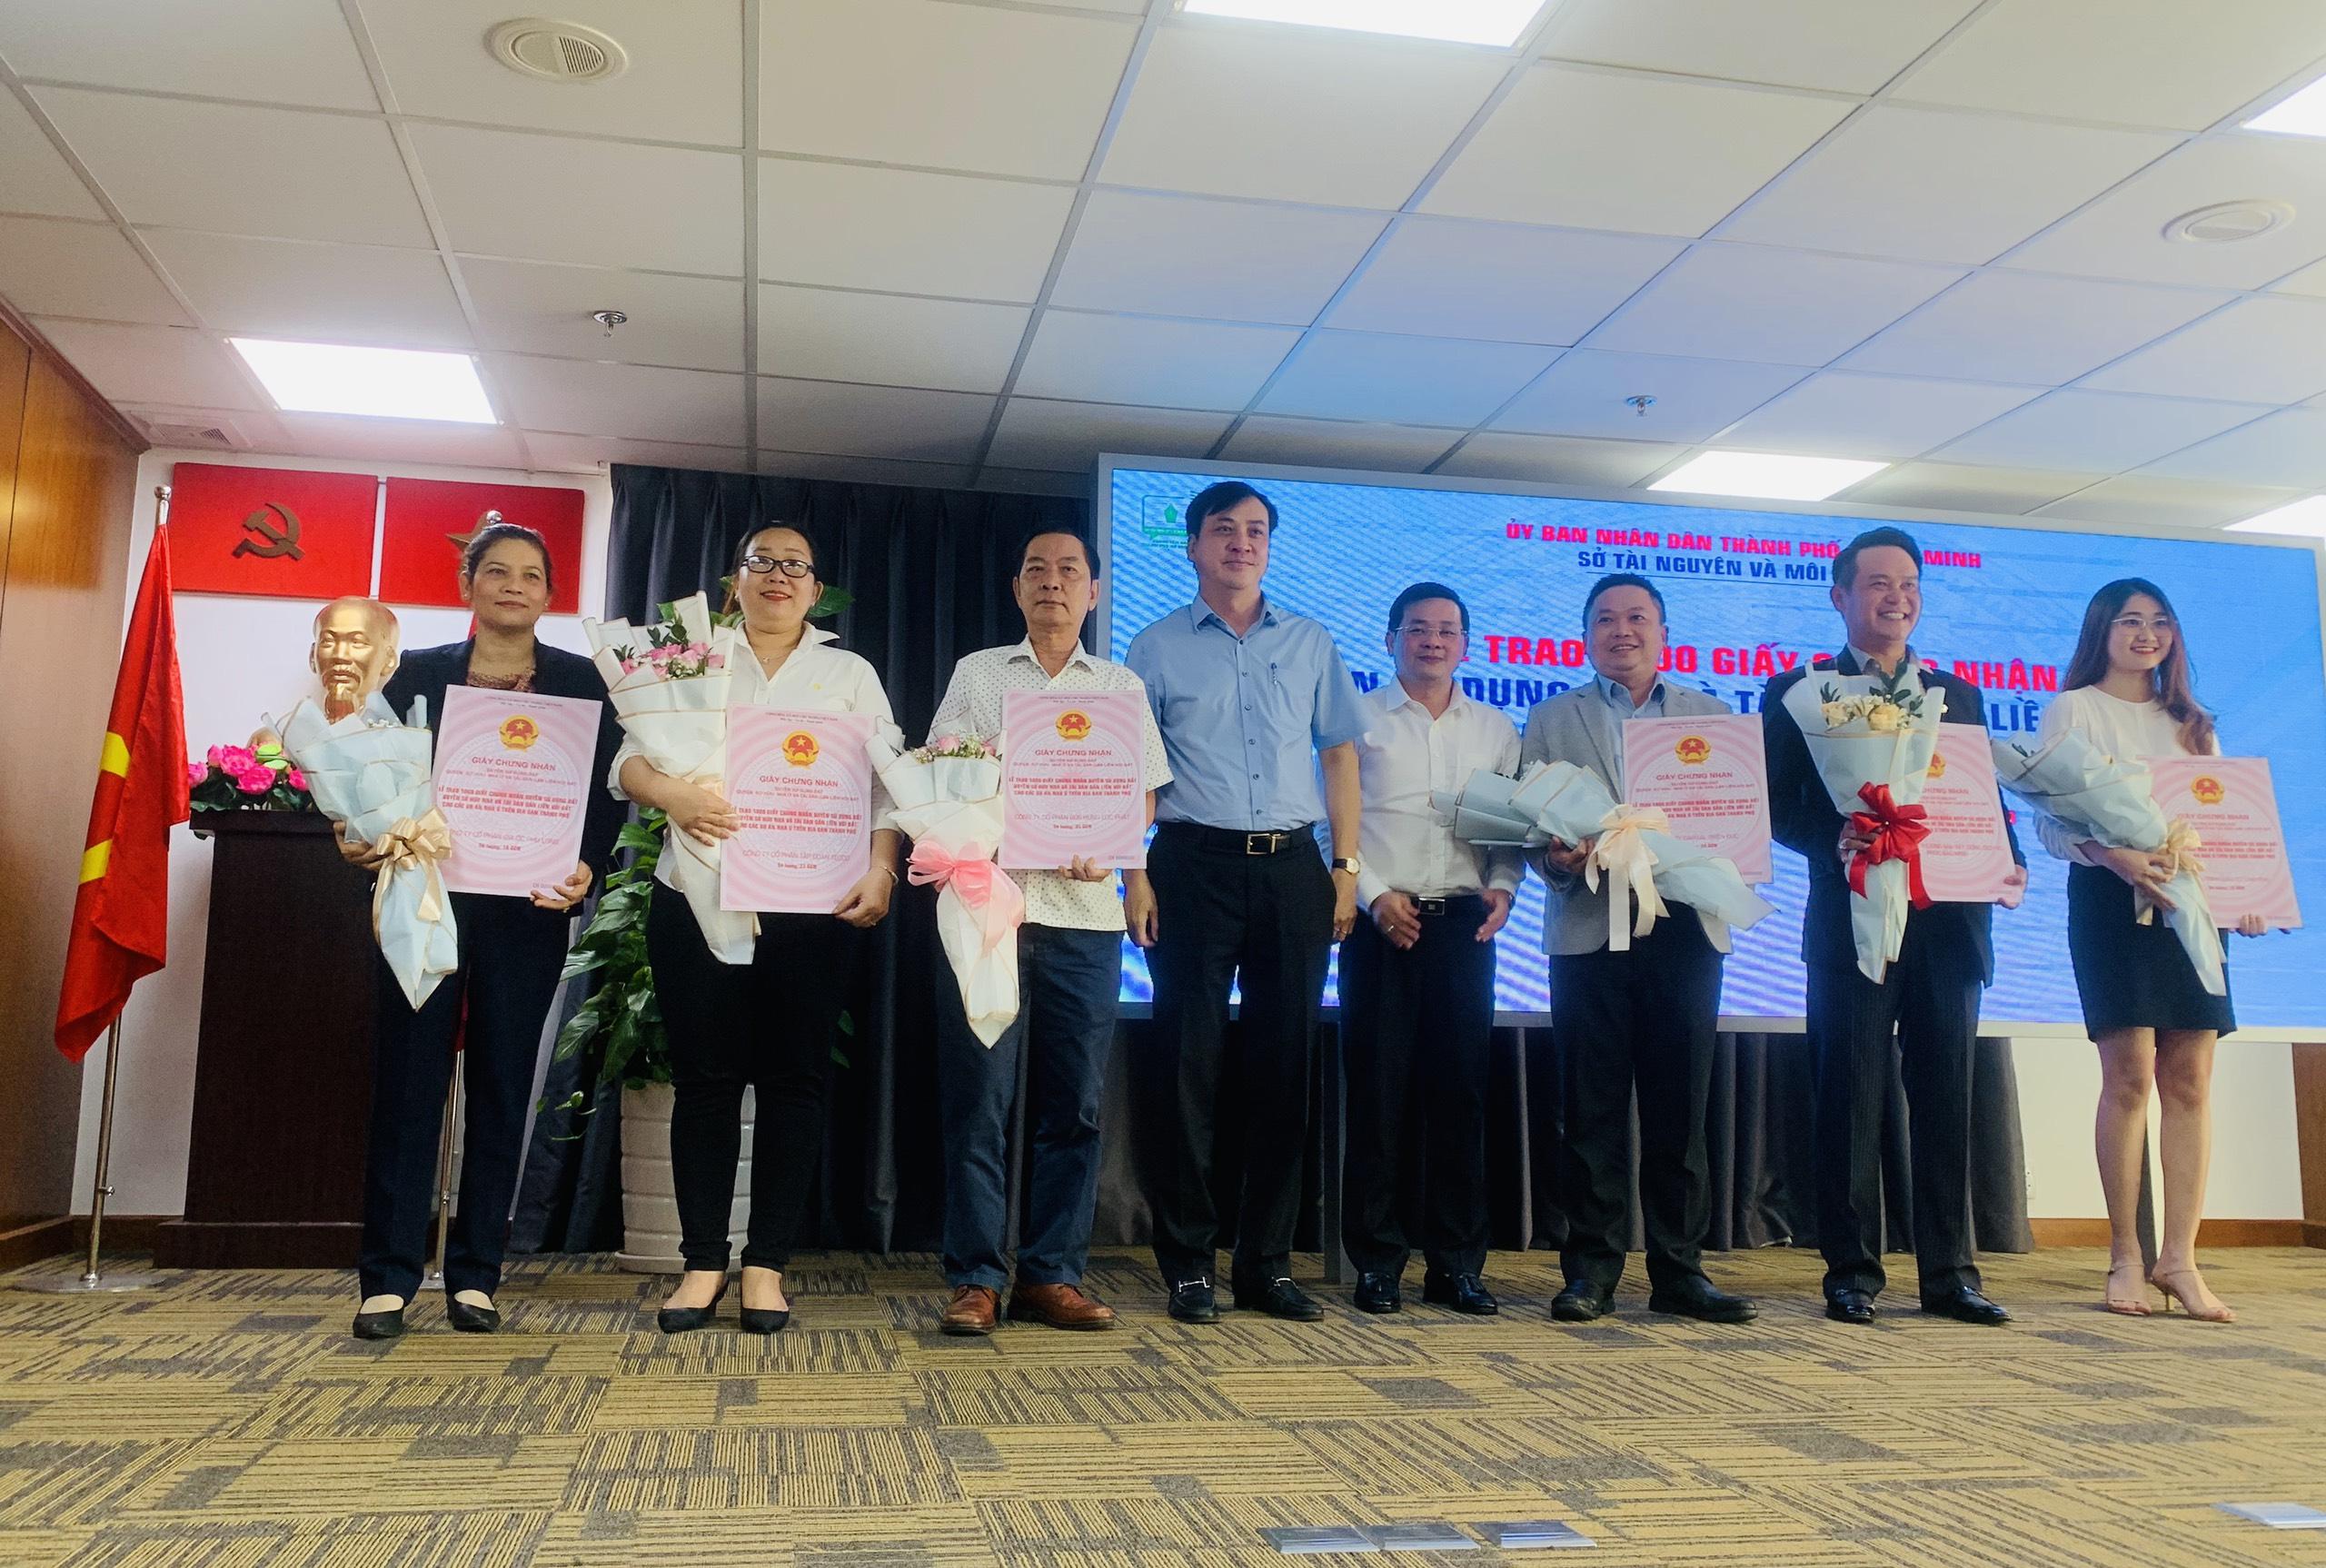 TP Hồ Chí Minh Trao 1 000 giấy chứng nhận quyền sử dụng đất cho các dự án nhà ở